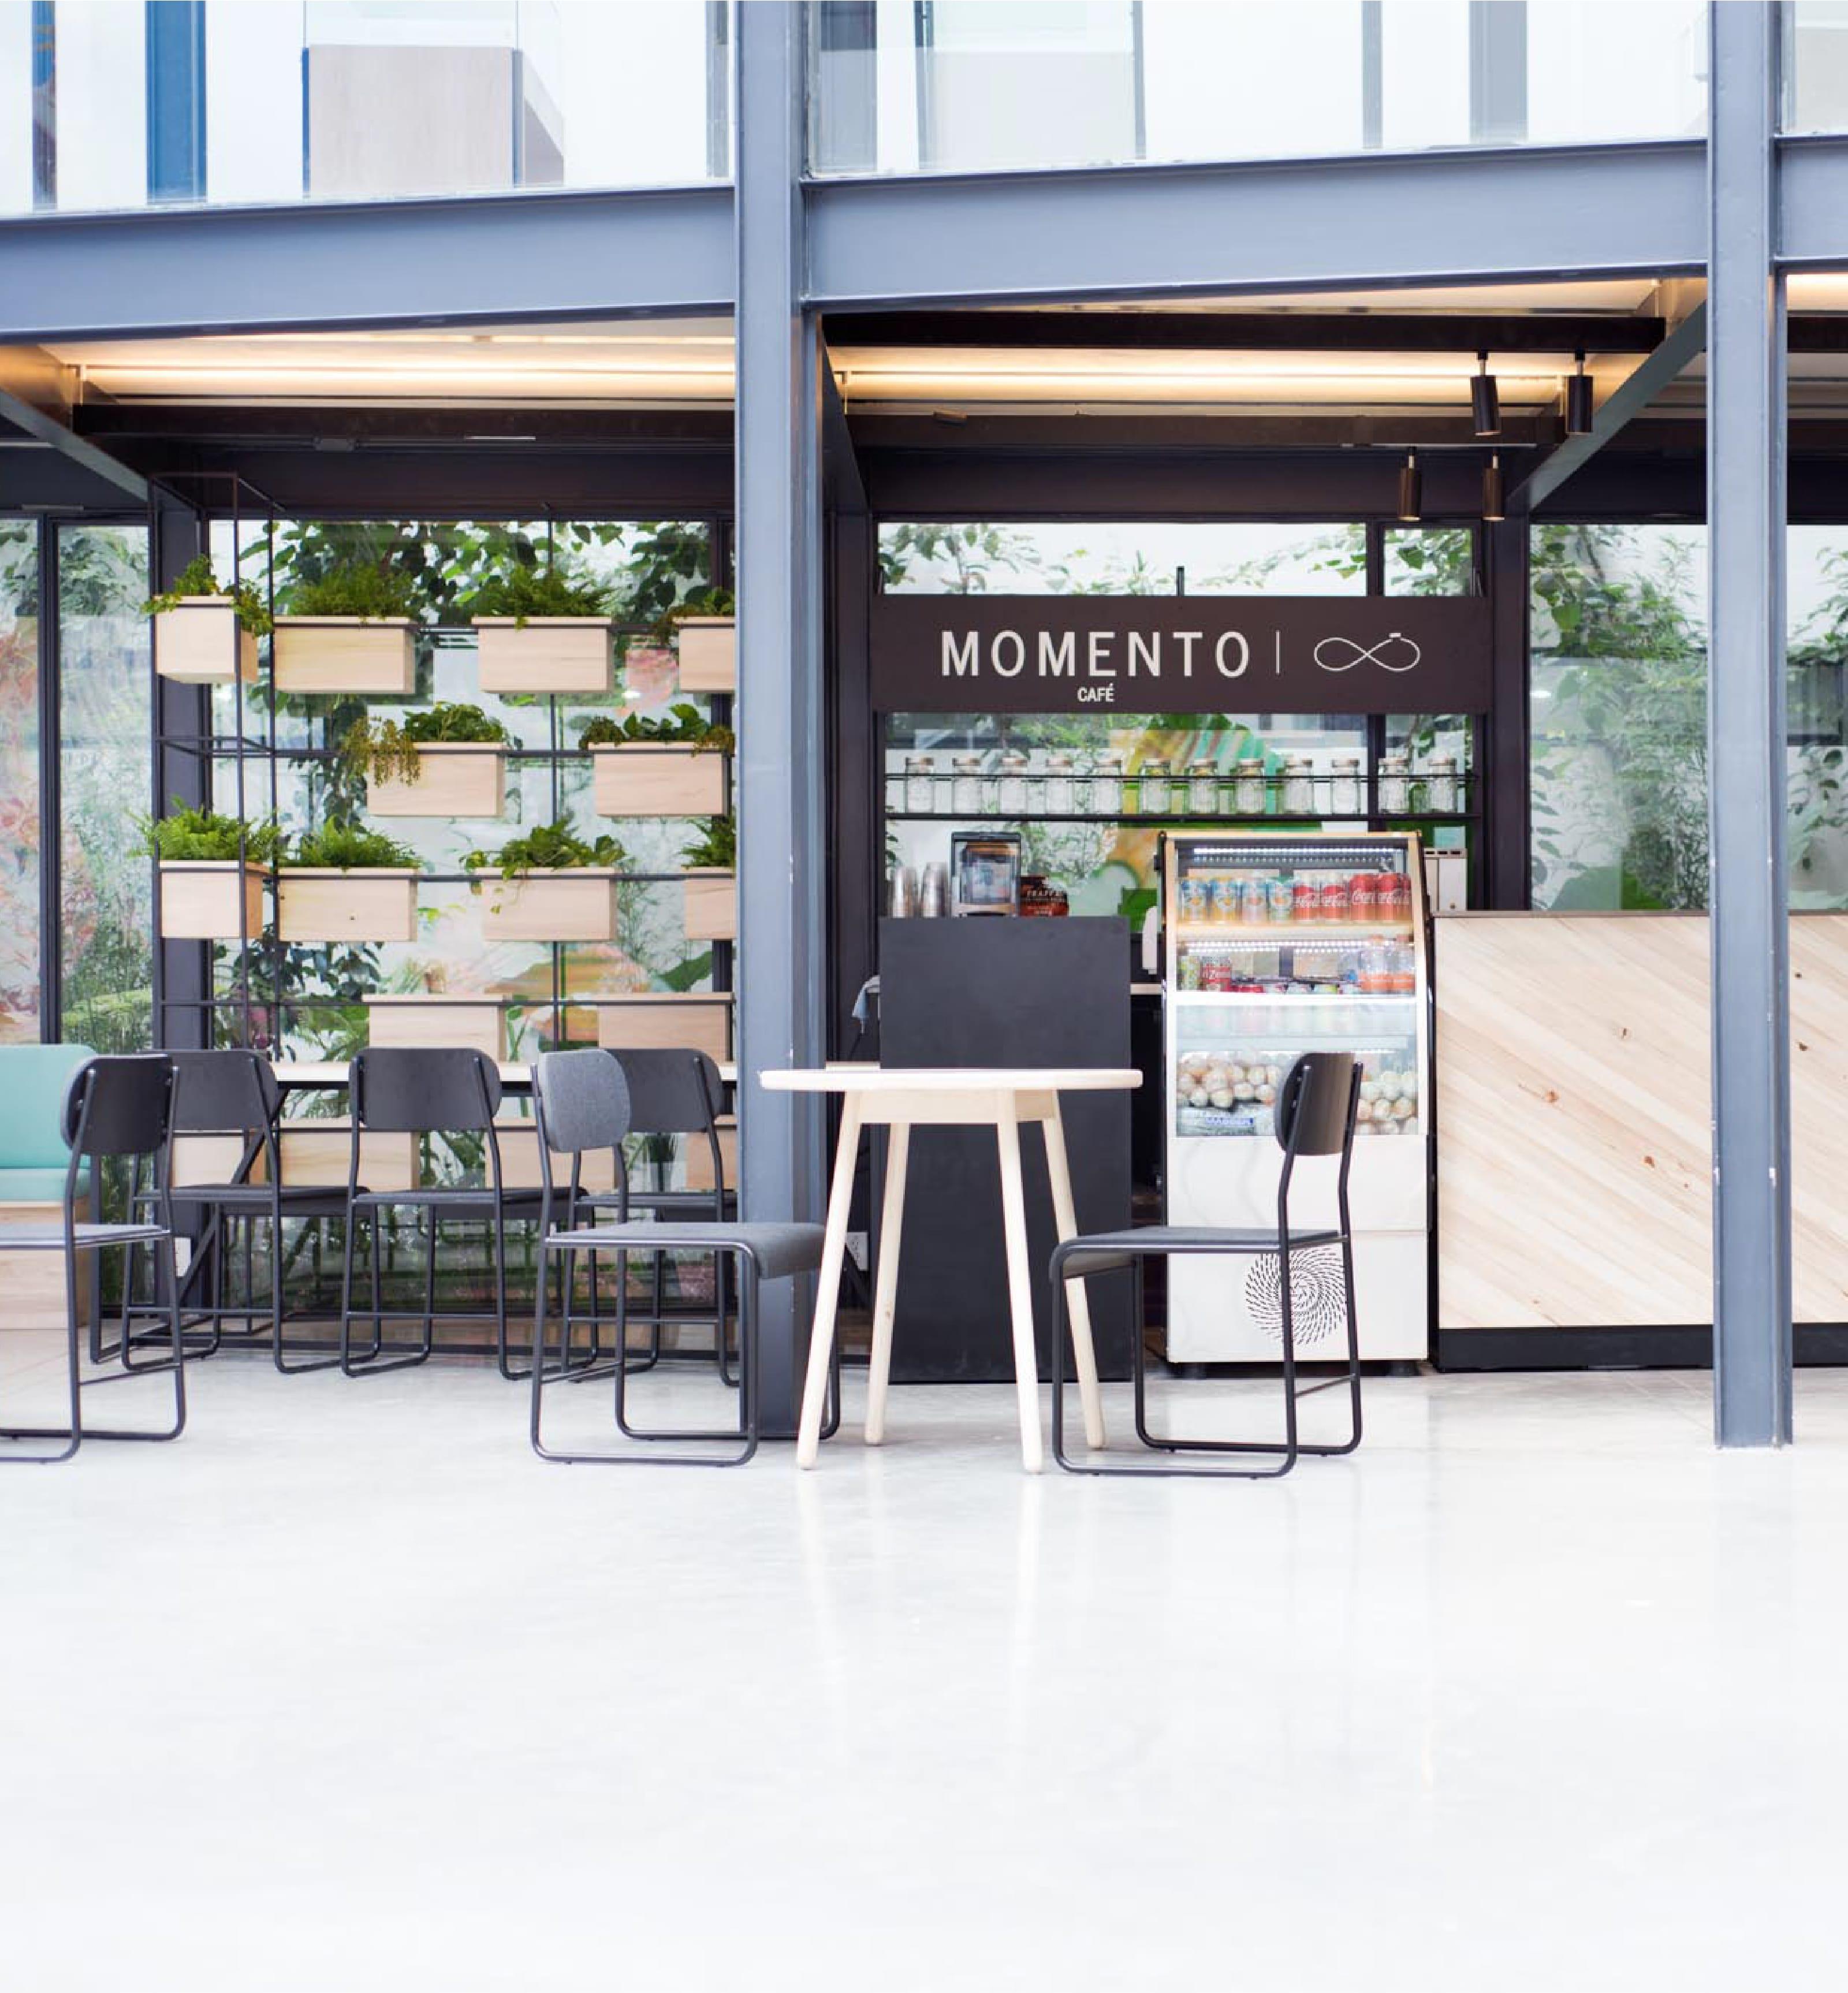 Mesa de Comedor - Momento